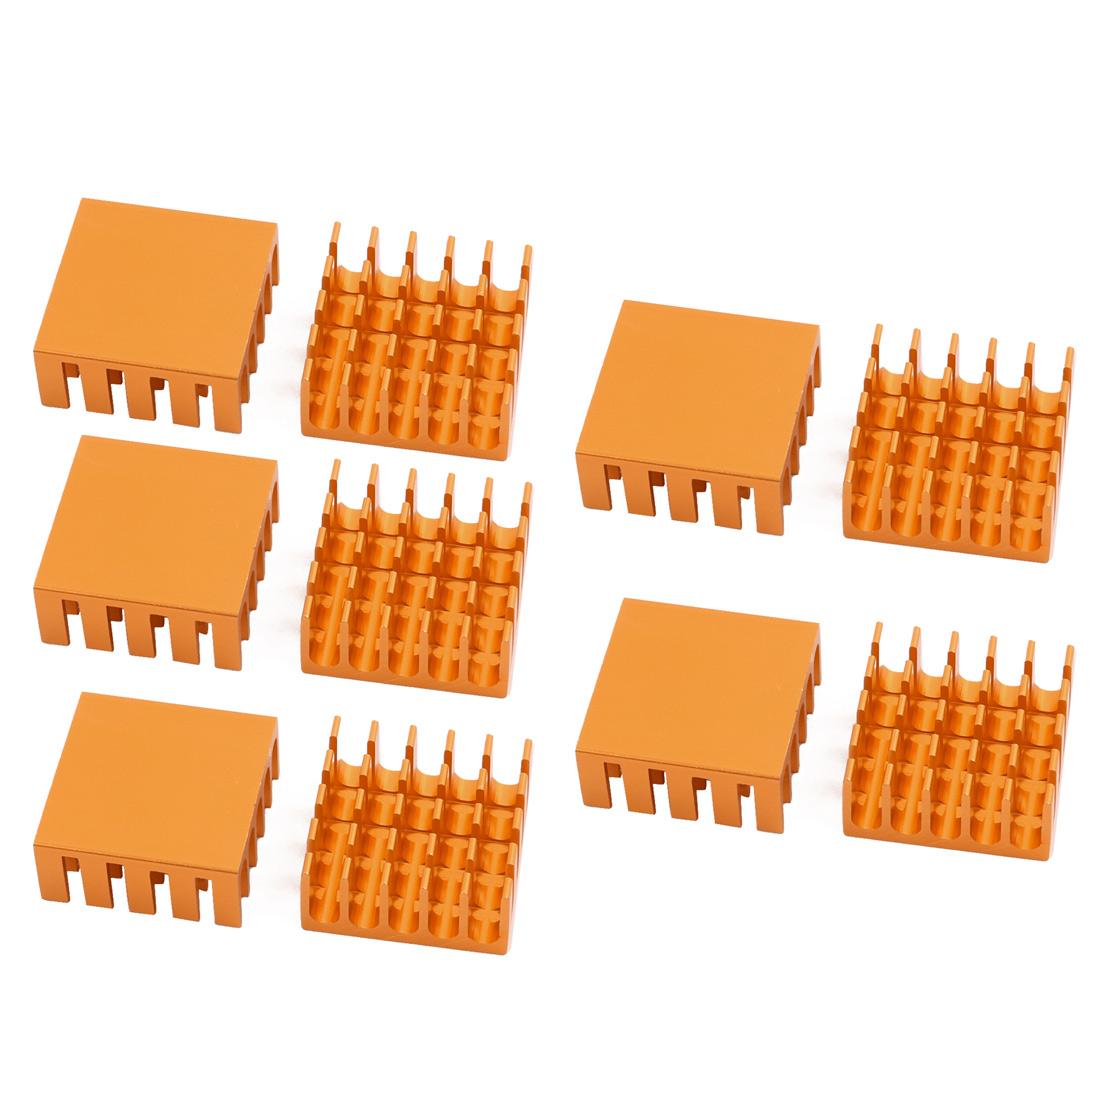 10Pcs 22mm x 22mm x 10mm Aluminum Heatsink Heat Diffuse Cooling Fin Golden Tone